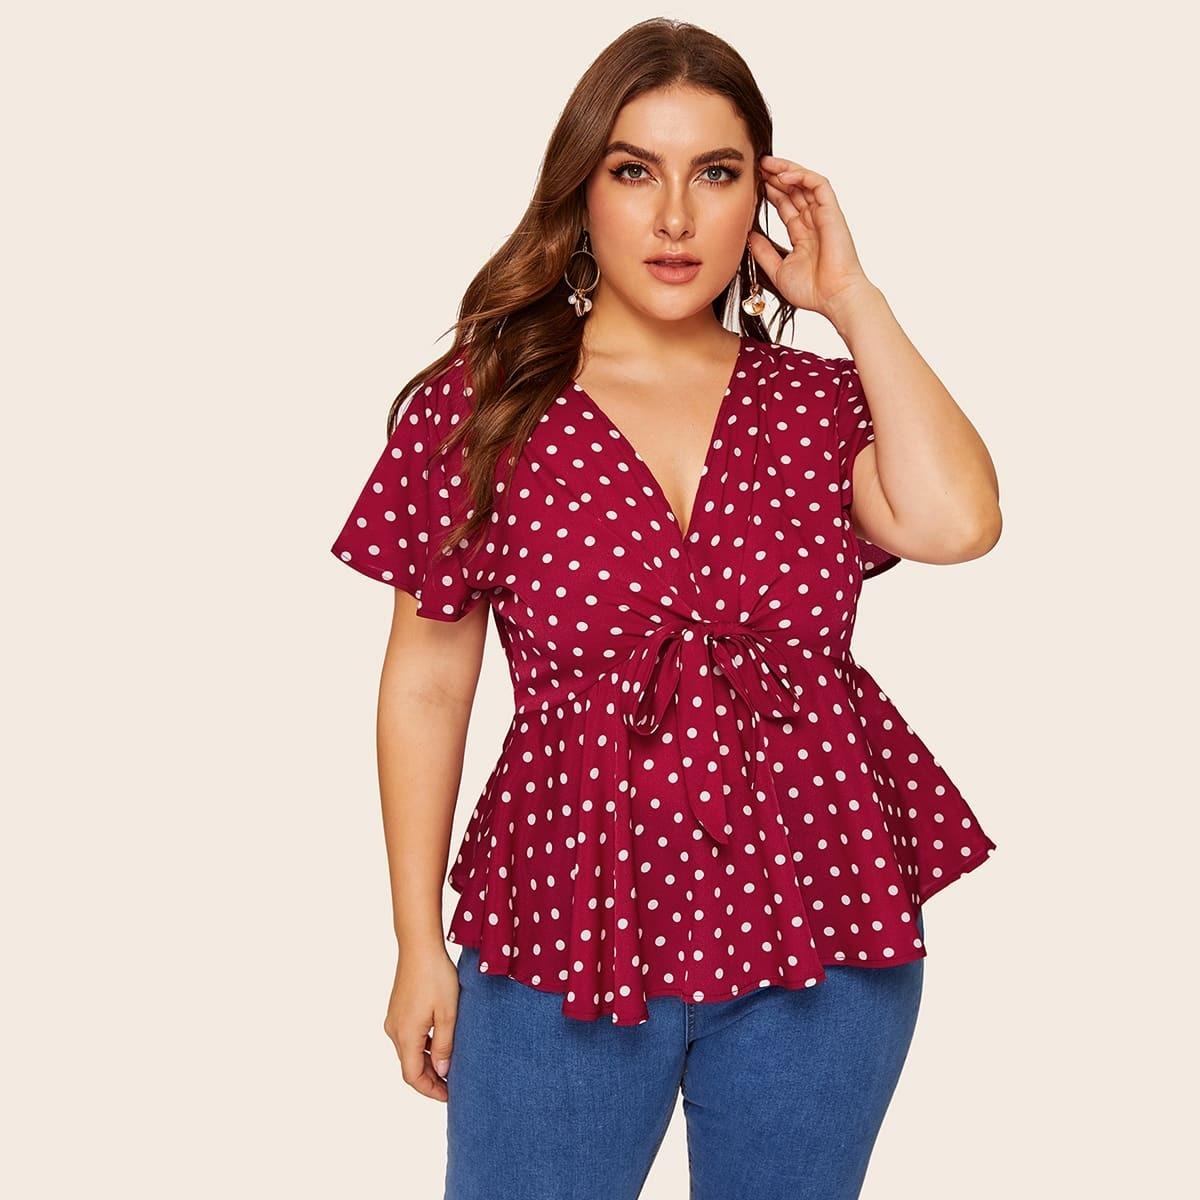 SHEIN / Bluse mit Knoten vorn und Punkten Muster